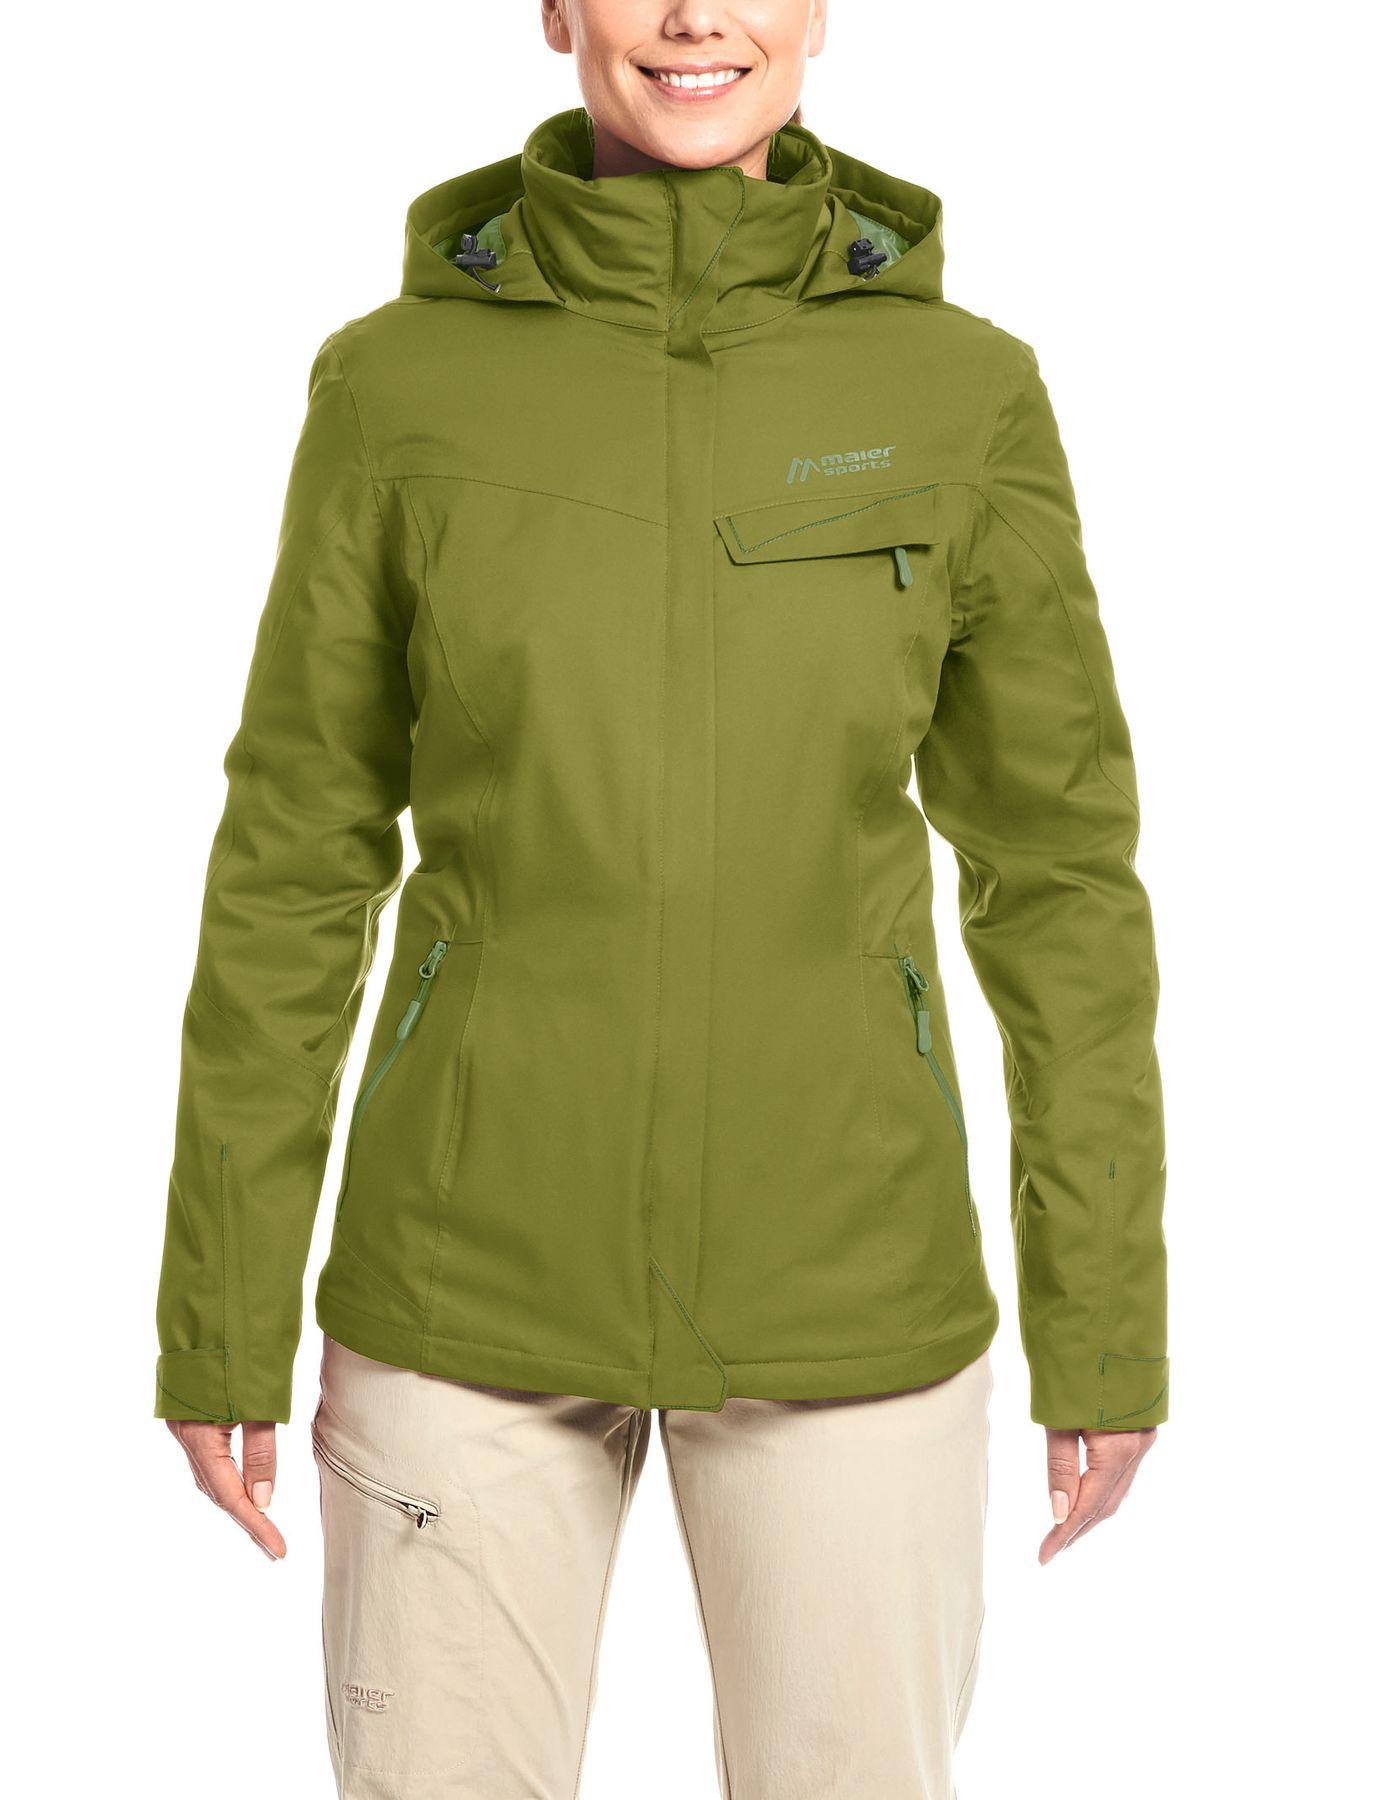 Maier Sports- Damen Freizeit Jacke funktionelle Wetterjacke  Artikel Pajo W (225259) – Bild 3